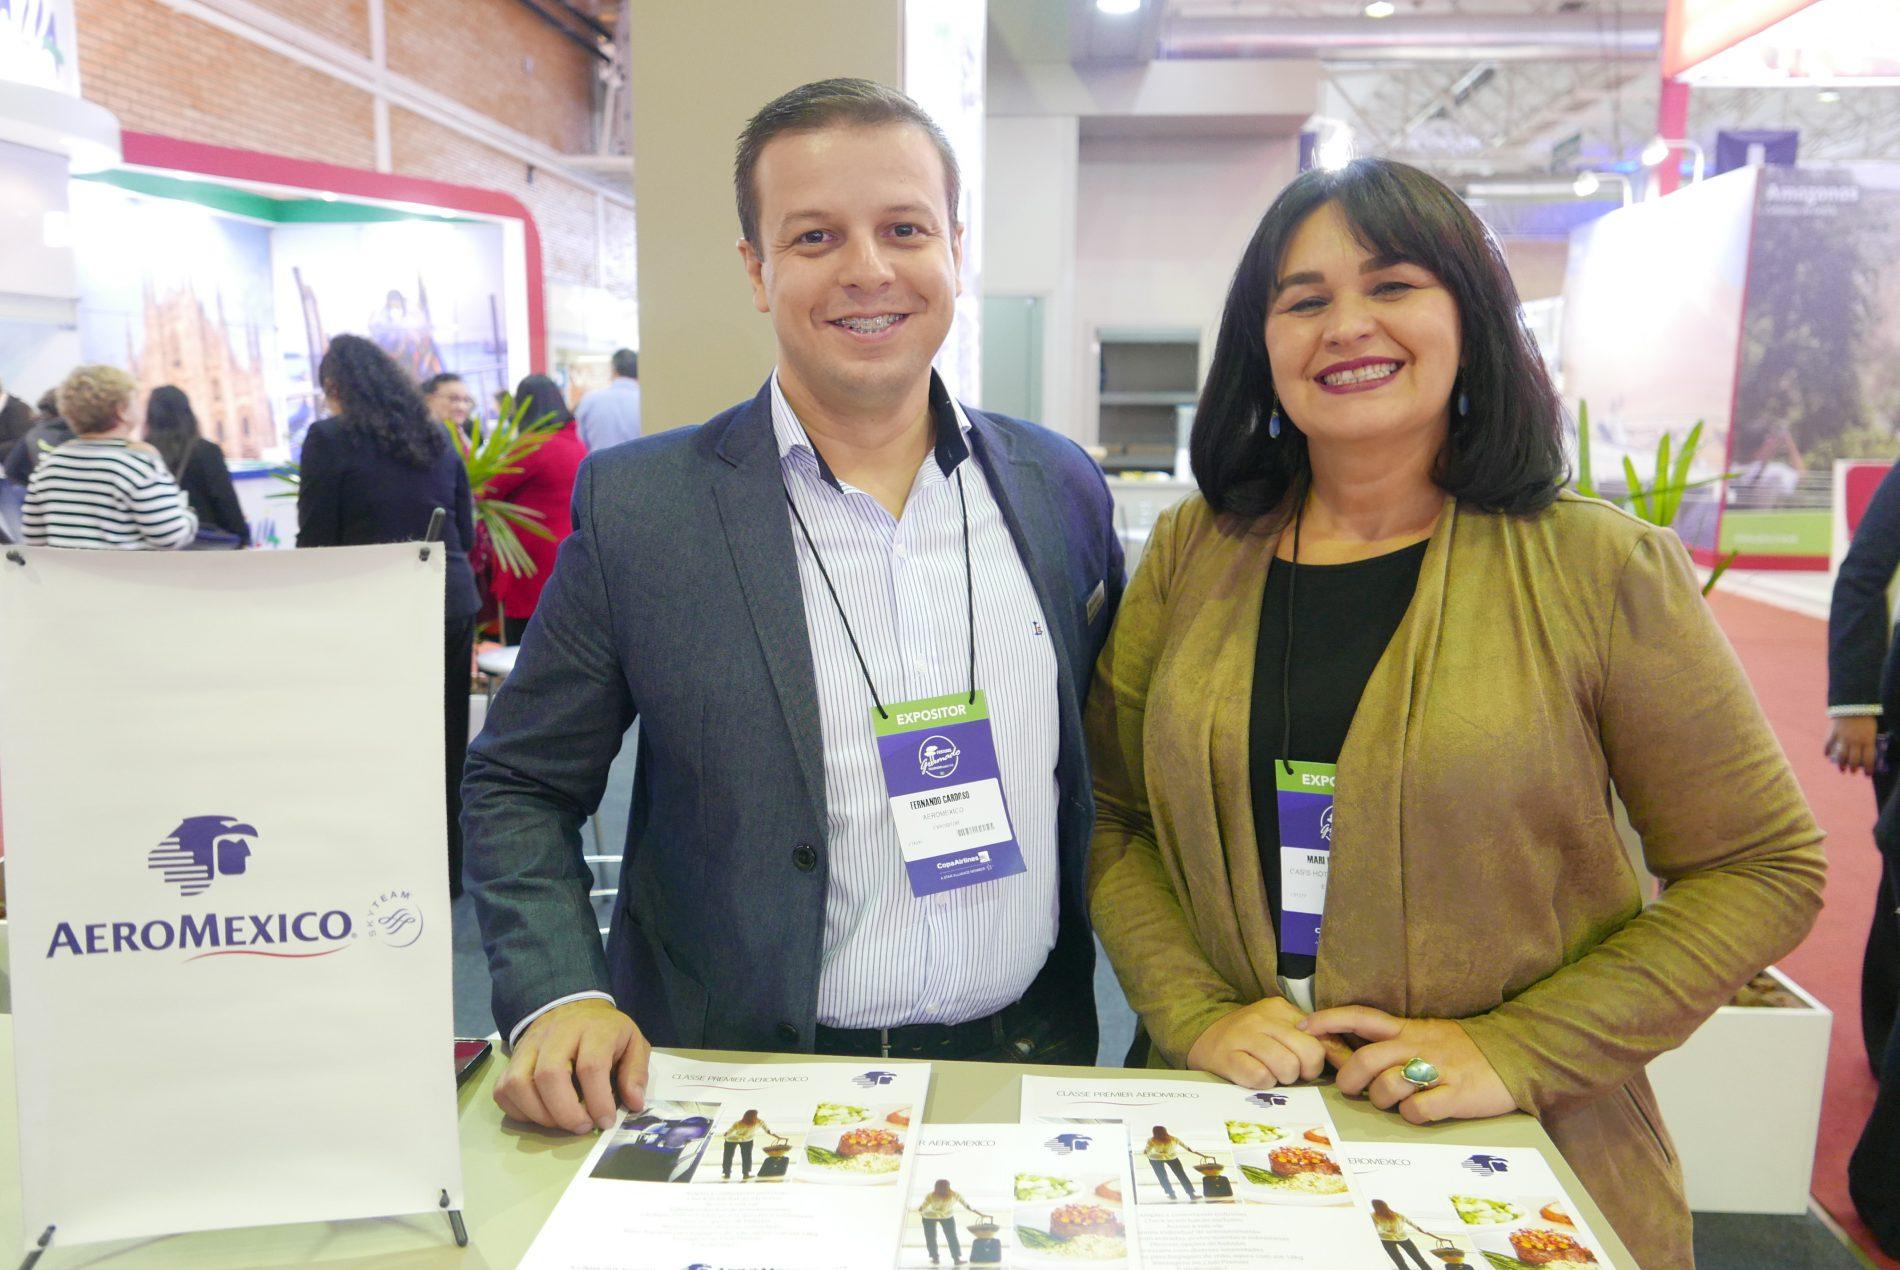 Fernando Cardoso, da Aeromexico, e Mari Magalhães, dos hotéis Oasis